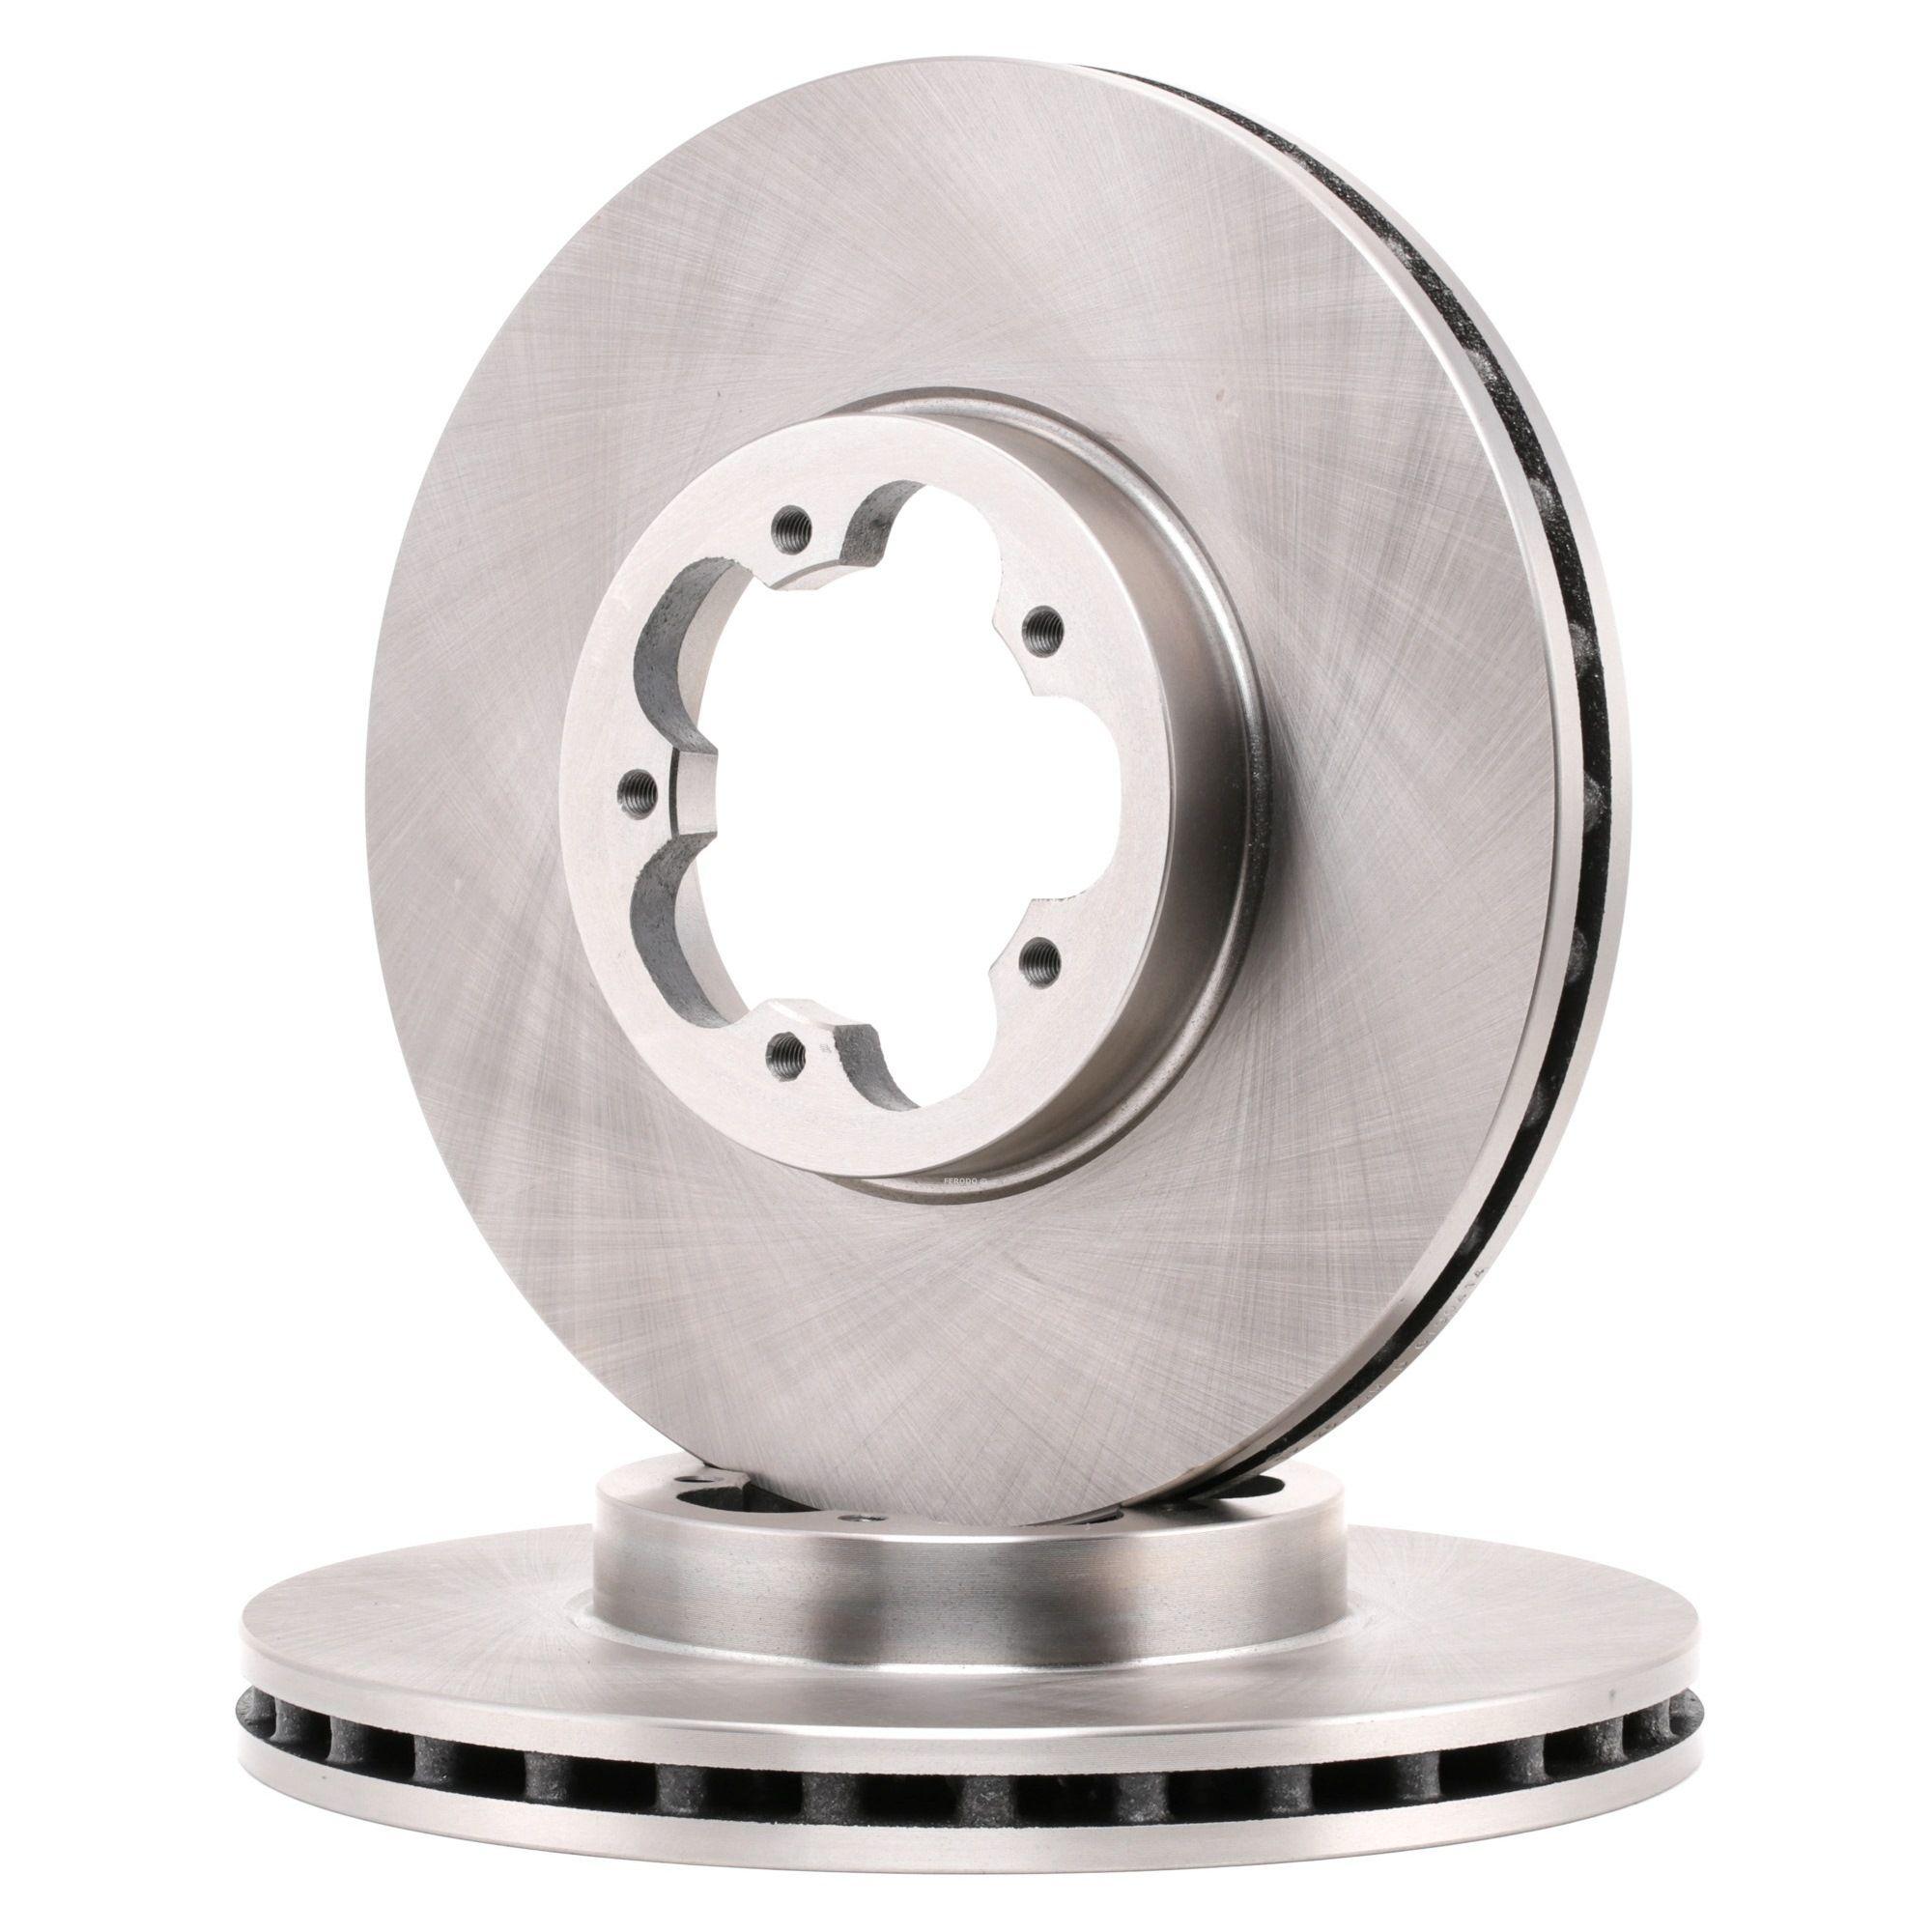 Купете DDF1555C FERODO PREMIER вентилиран, без винтове Ø: 300мм, брой на дупките: 5, дебелина на спирачния диск: 28мм Спирачен диск DDF1555 евтино